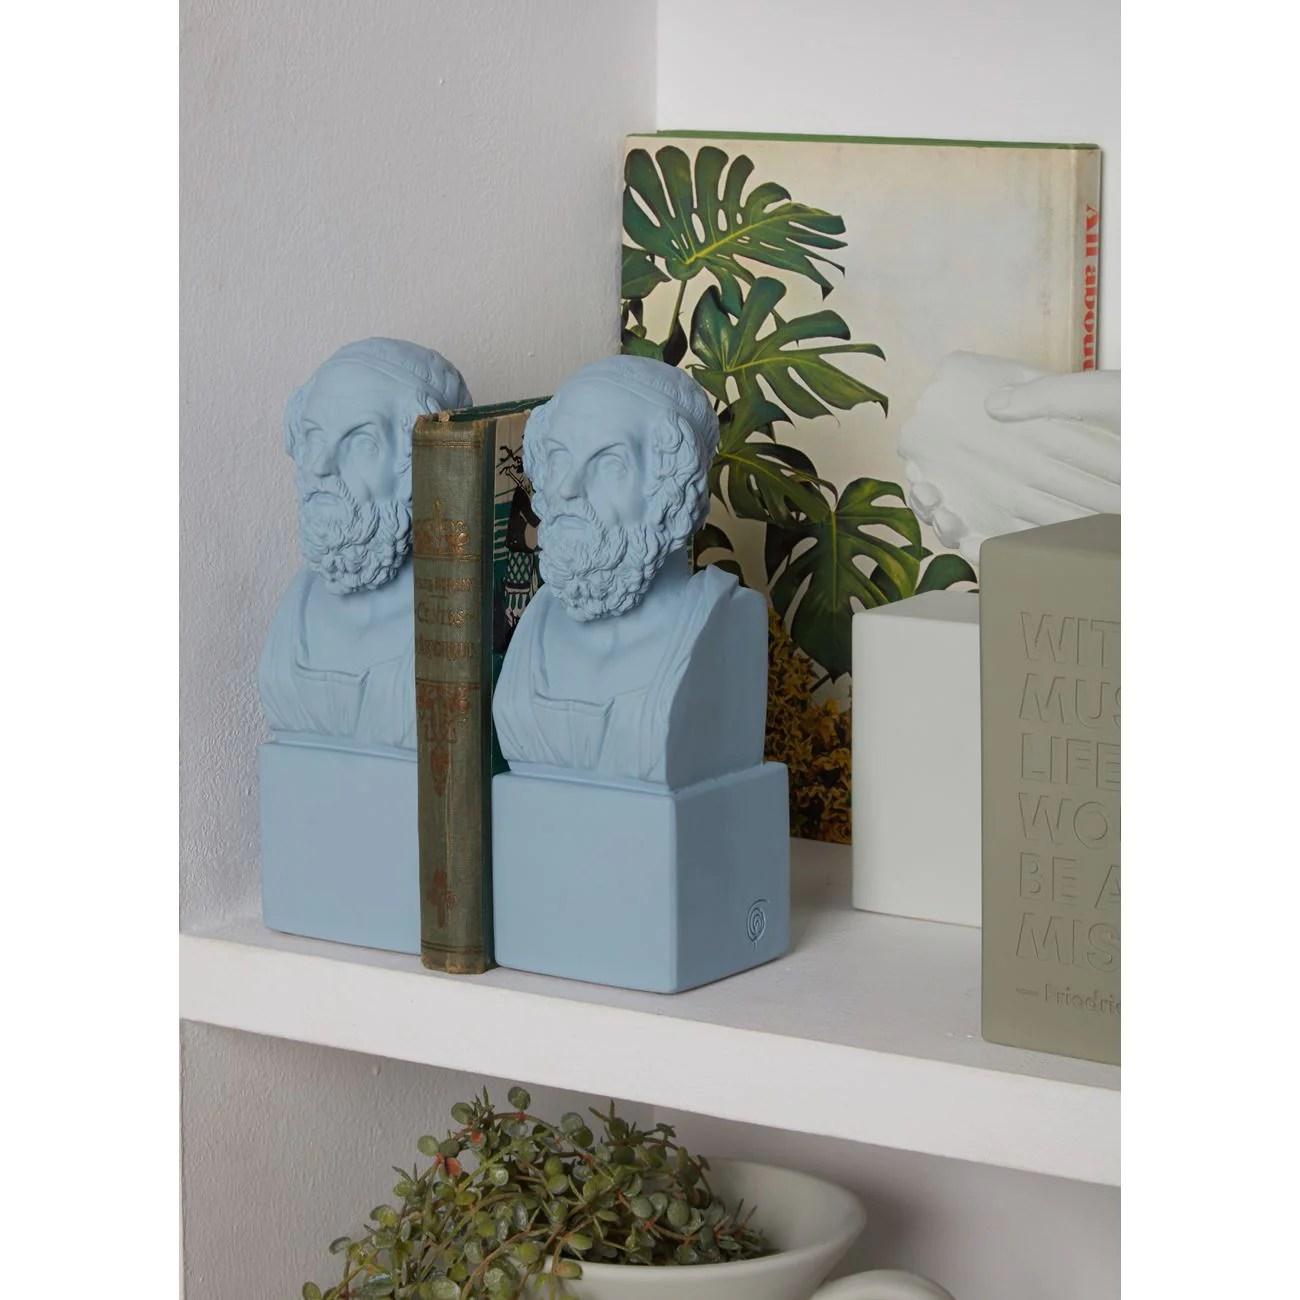 Acquista oggetti decorativi di design più belli, artigianali e particolari per la. Soprammobili Moderni Colorati Di Lusso Limanaki Limanaki